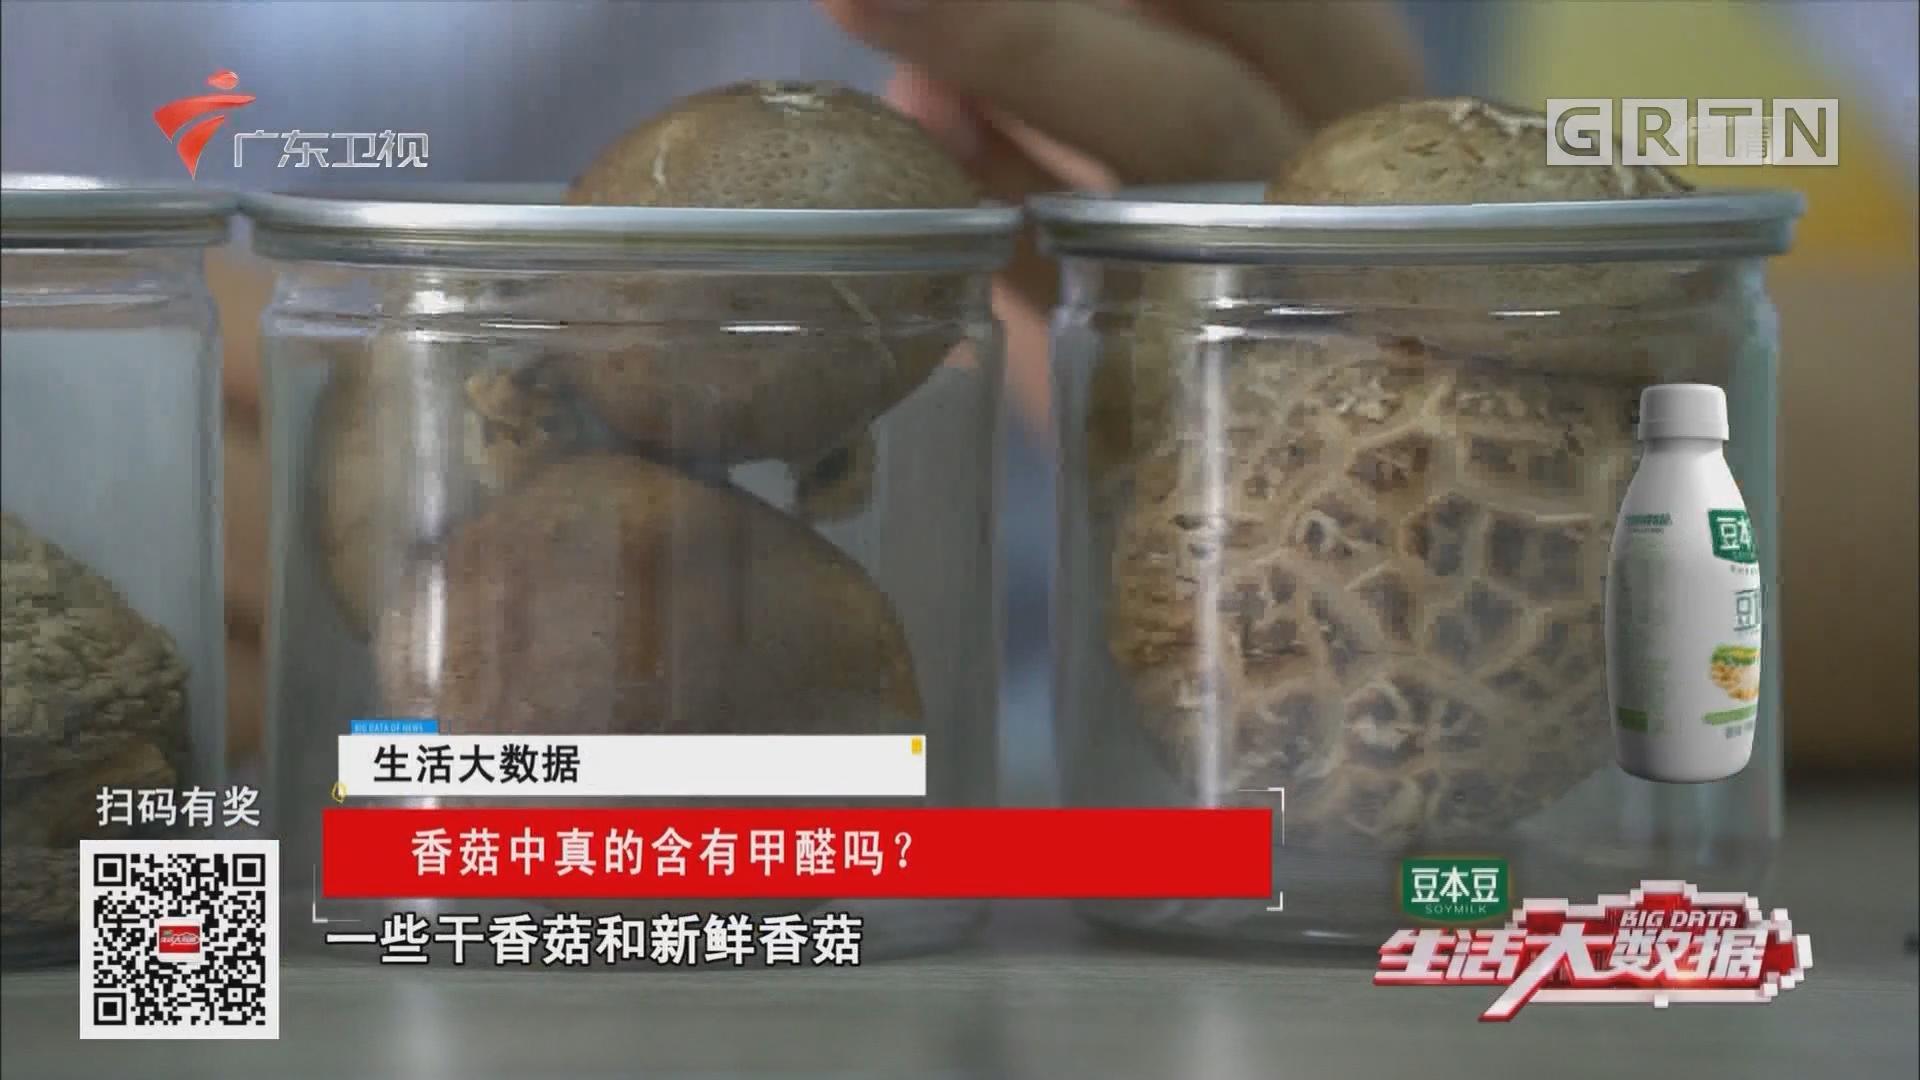 香菇中真的含有甲醛吗?